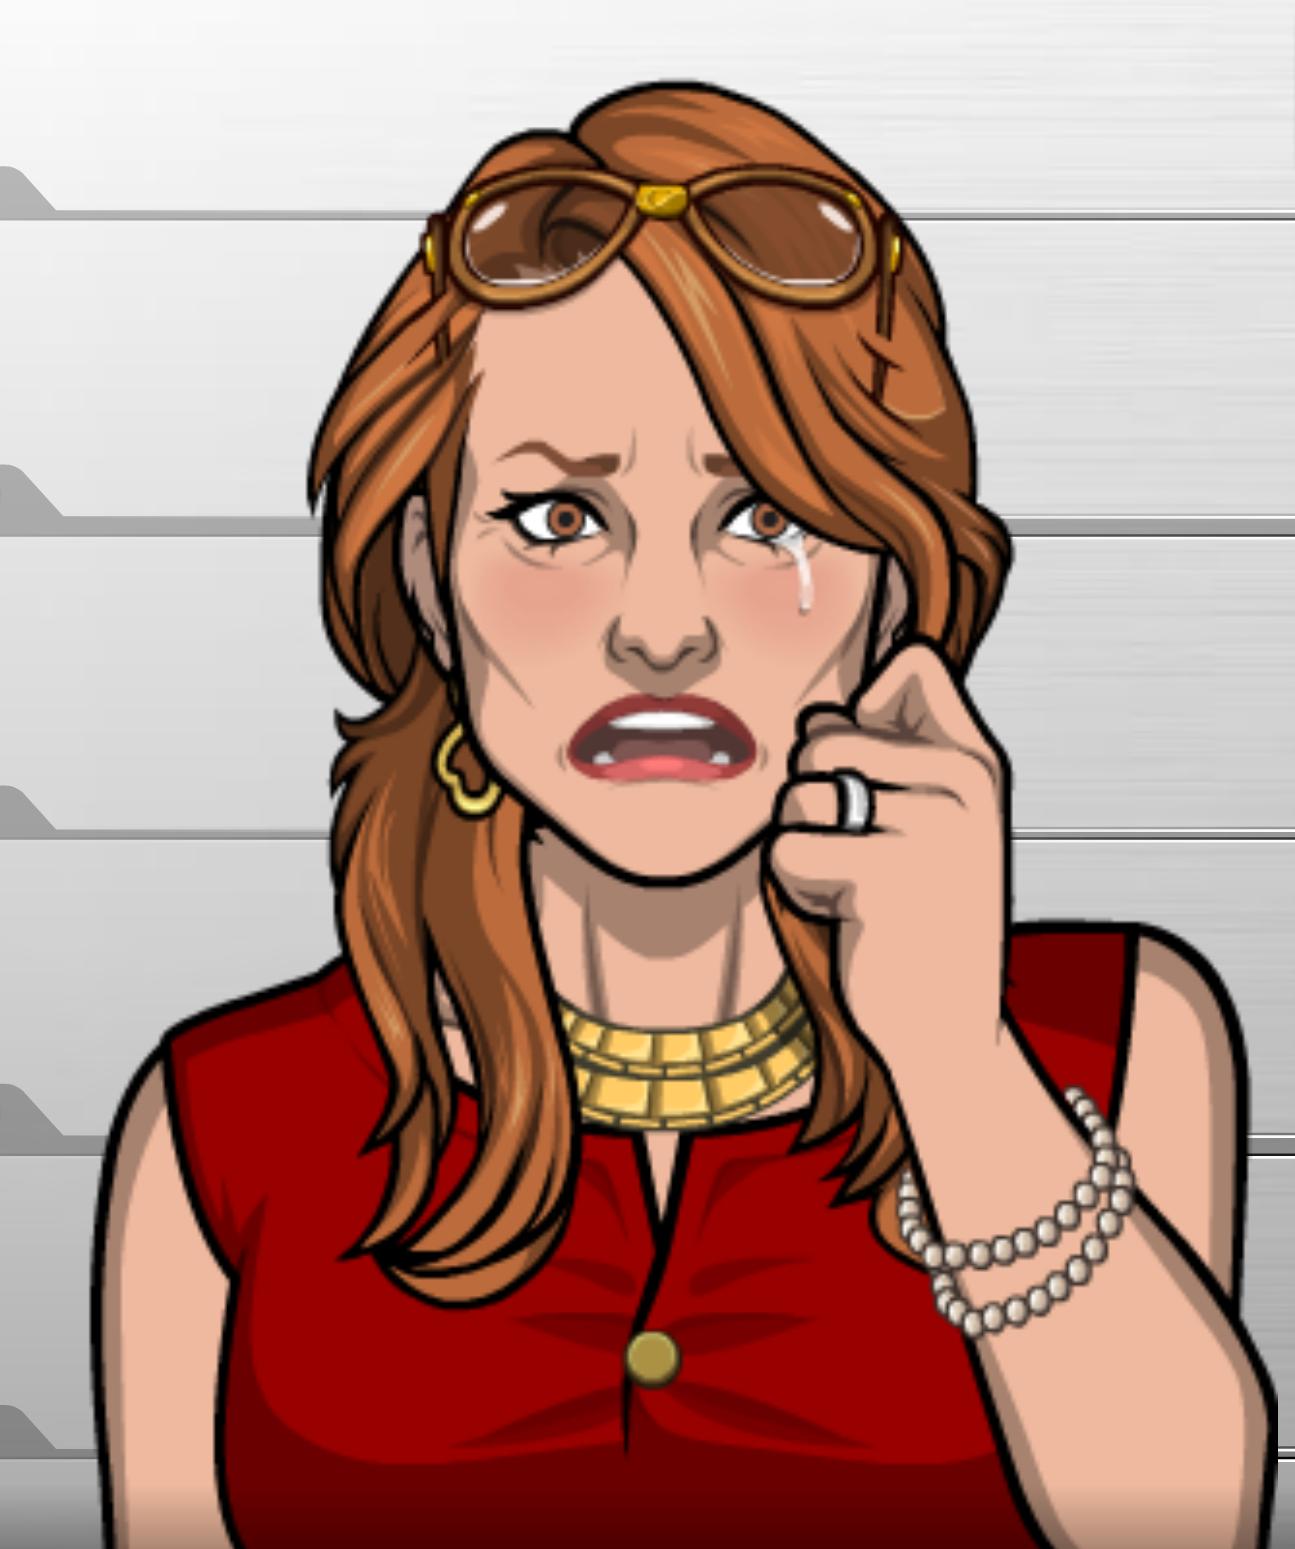 Ezekielfan22/Fiona Cummings (Criminal Case)